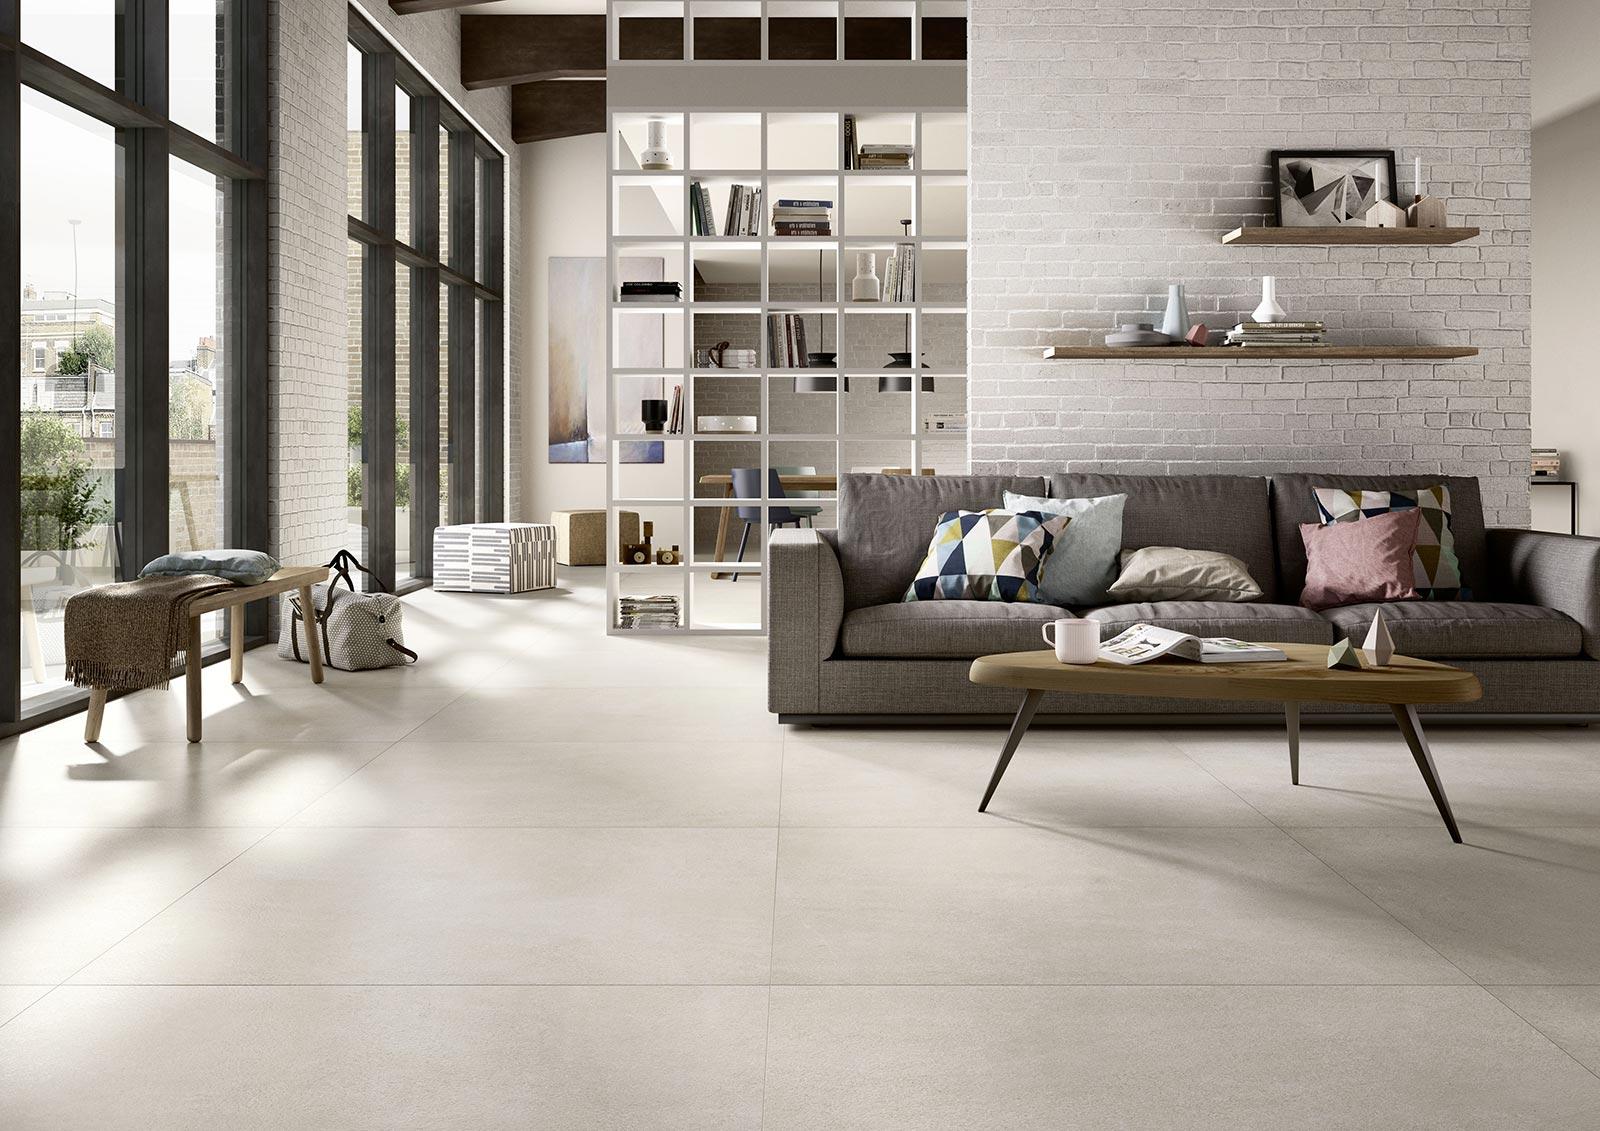 Fliesen Fr Das Wohnzimmer Gestaltungideen Mit Keramik Und Feinsteinzeug Marazzi 6347